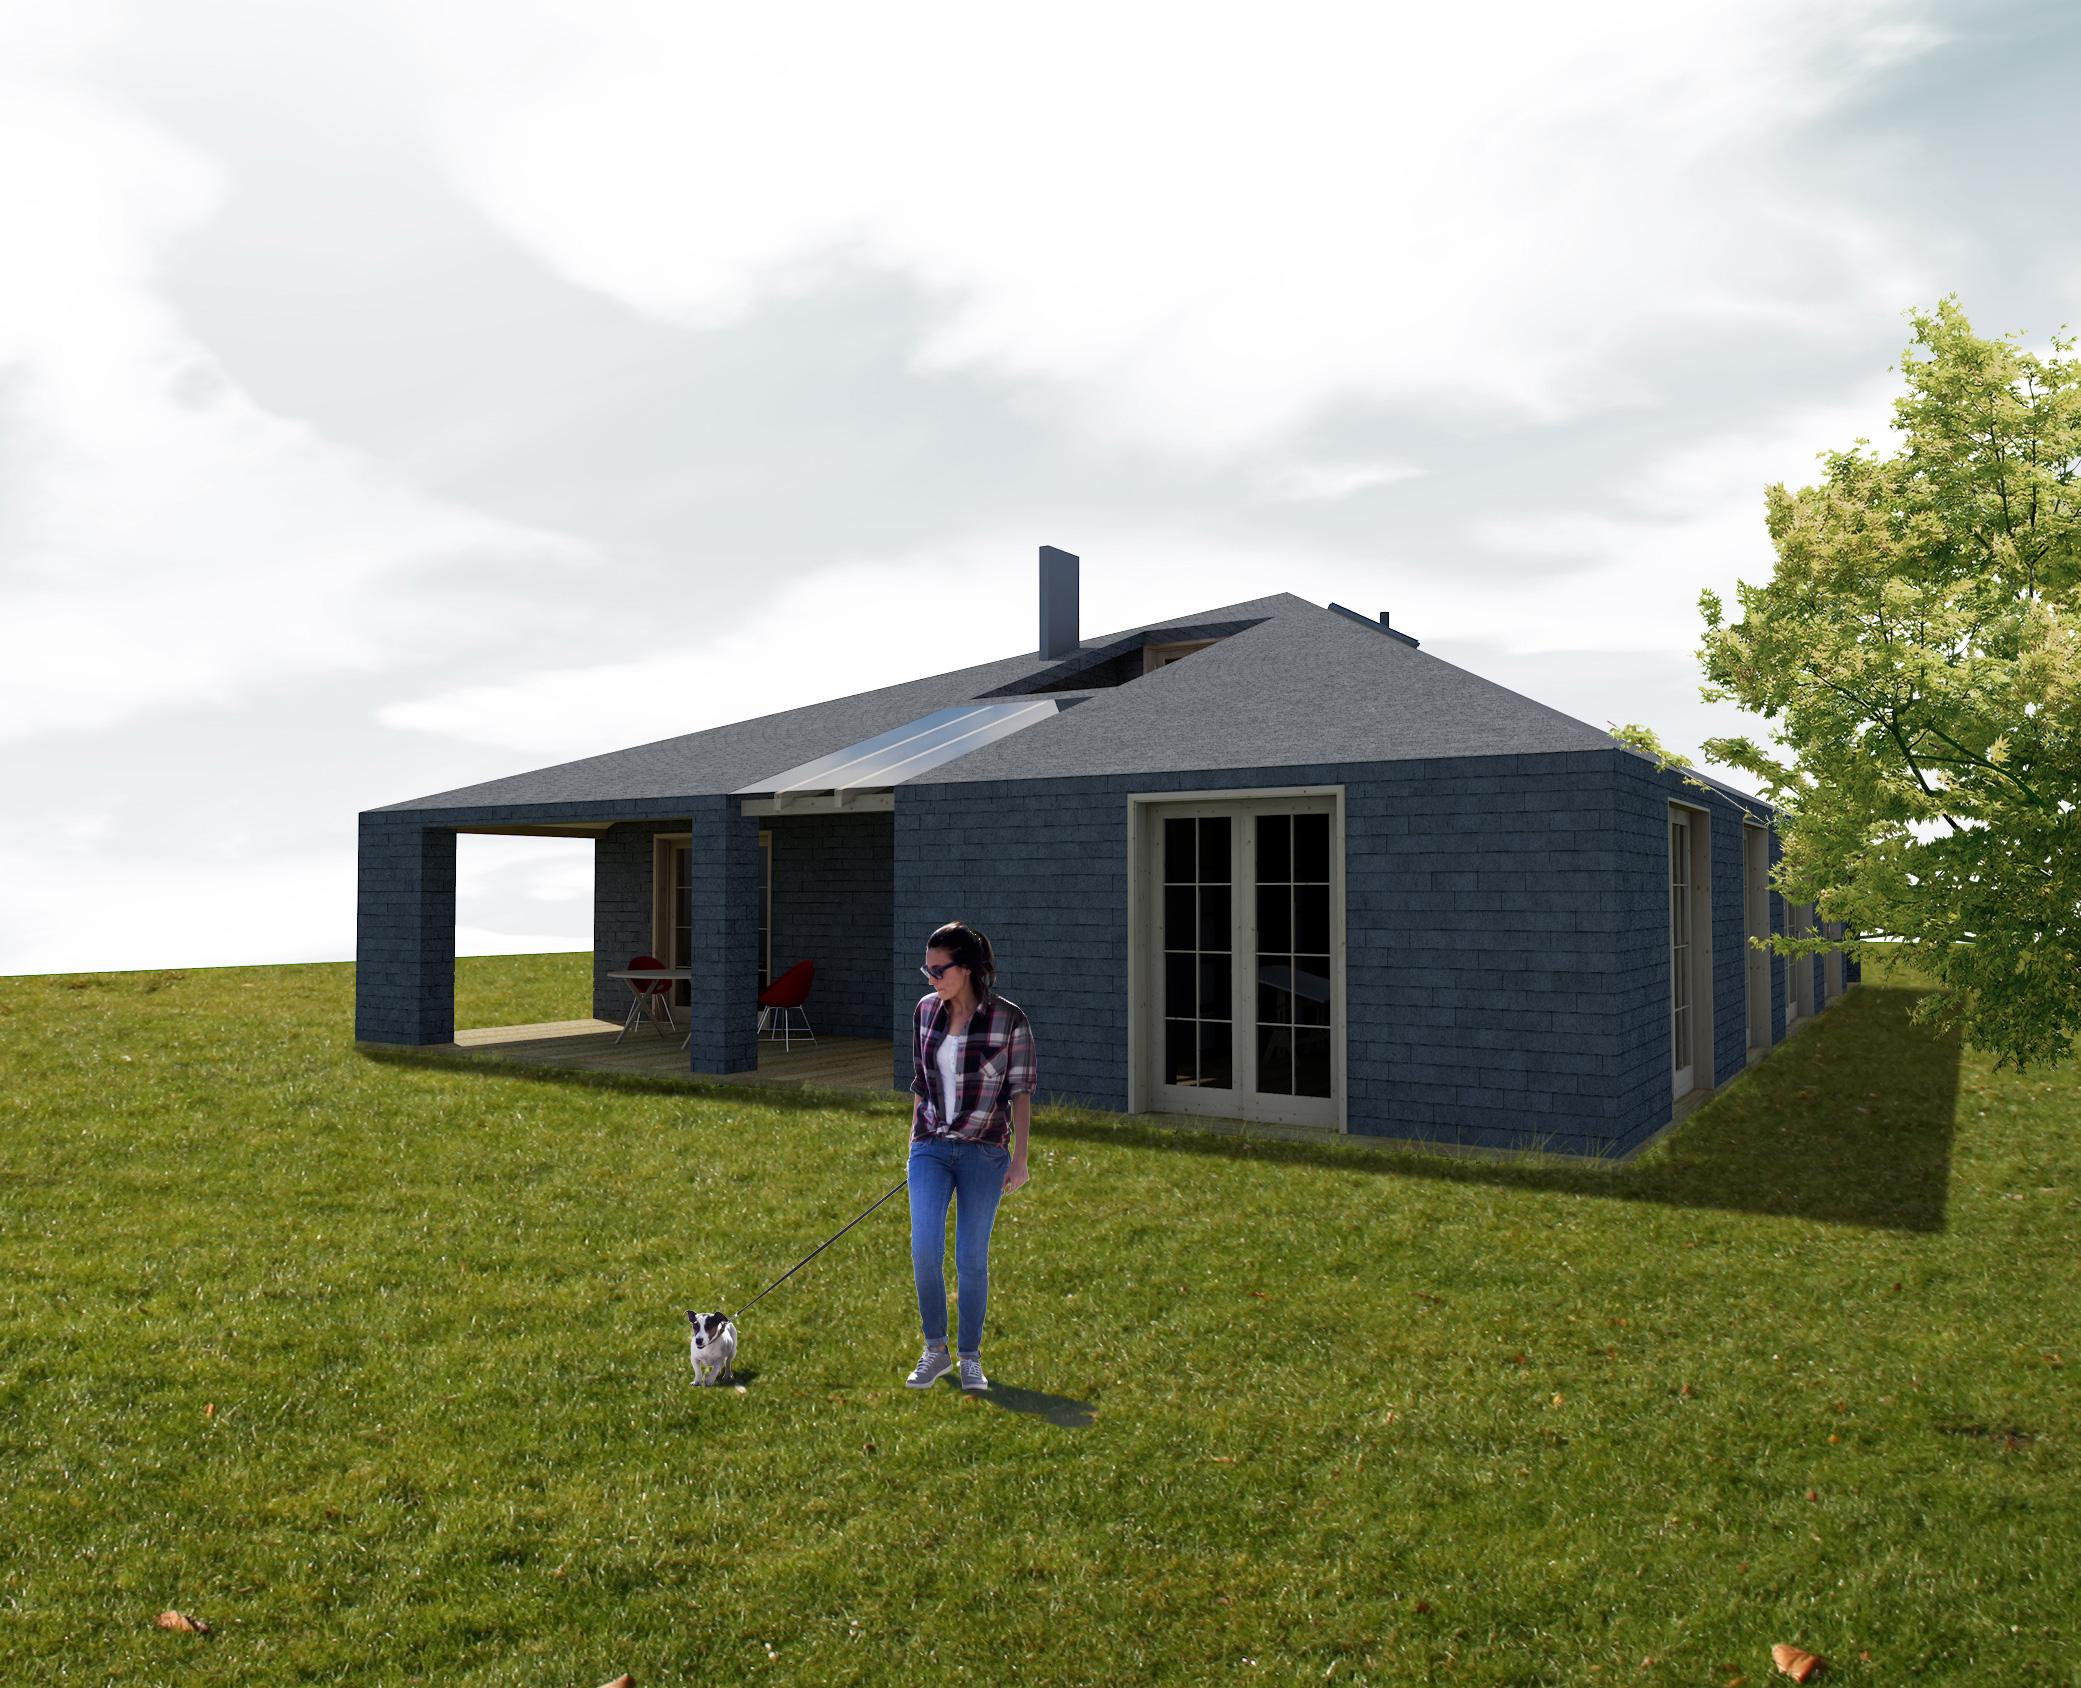 dom prosty, bojszowy, architektura, okno dachowe, dekonstruktywizm